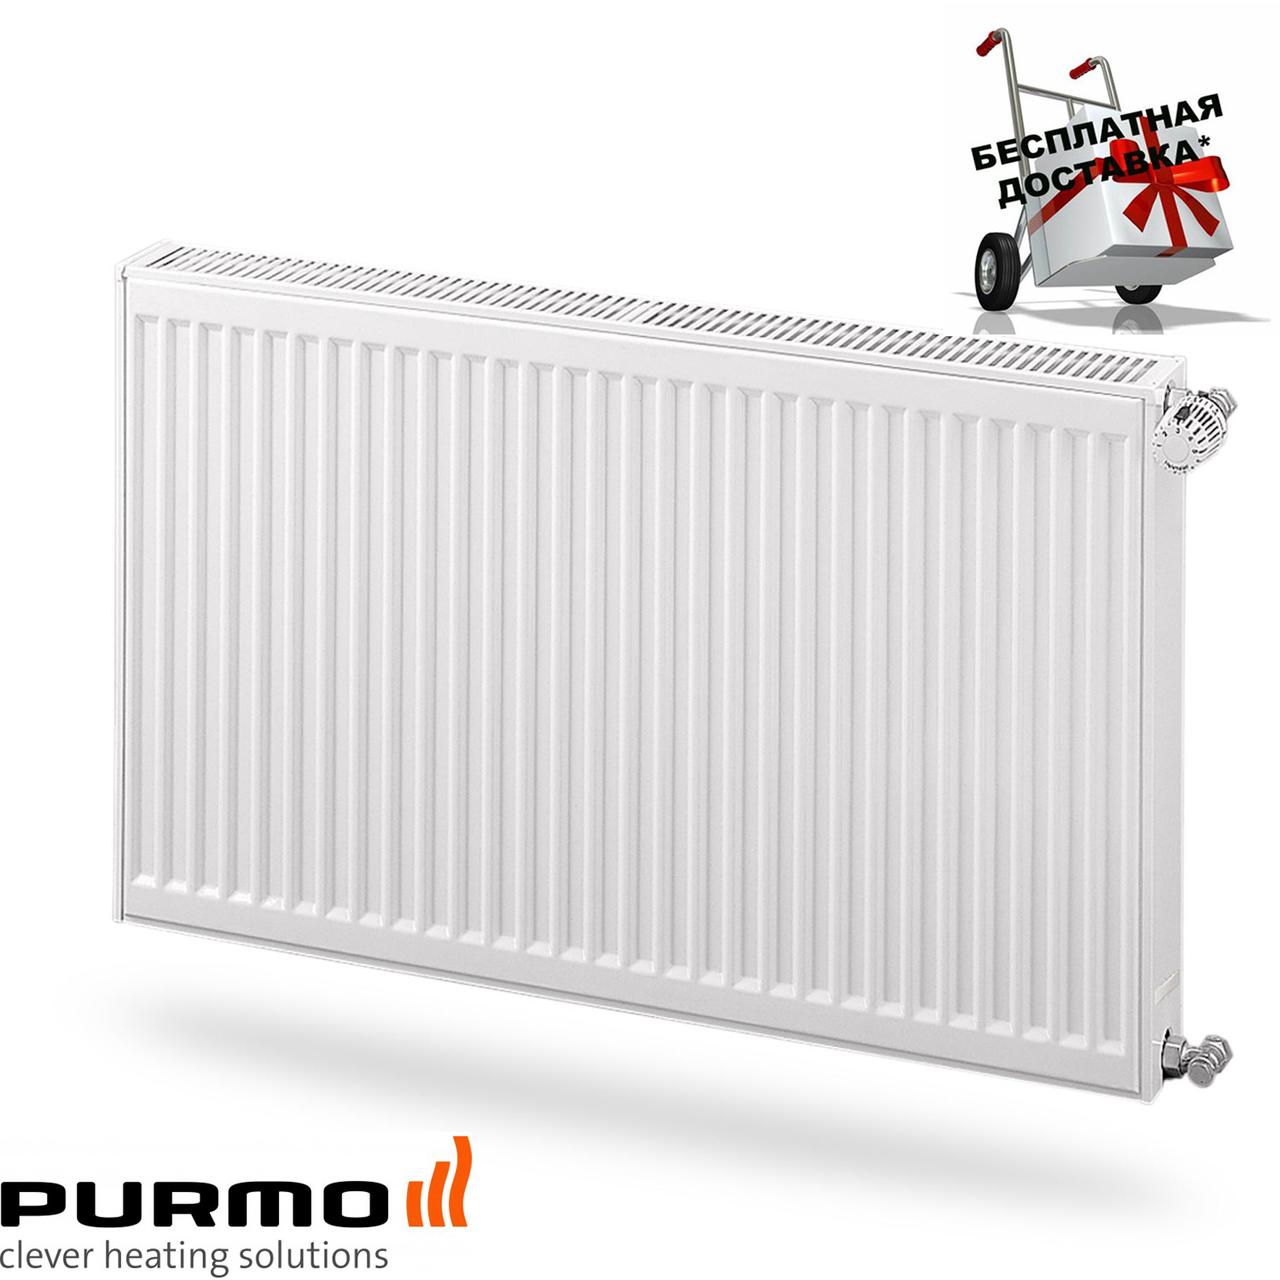 Стальной (панельный) радиатор PURMO Compact т22 500x400 боковое подключение